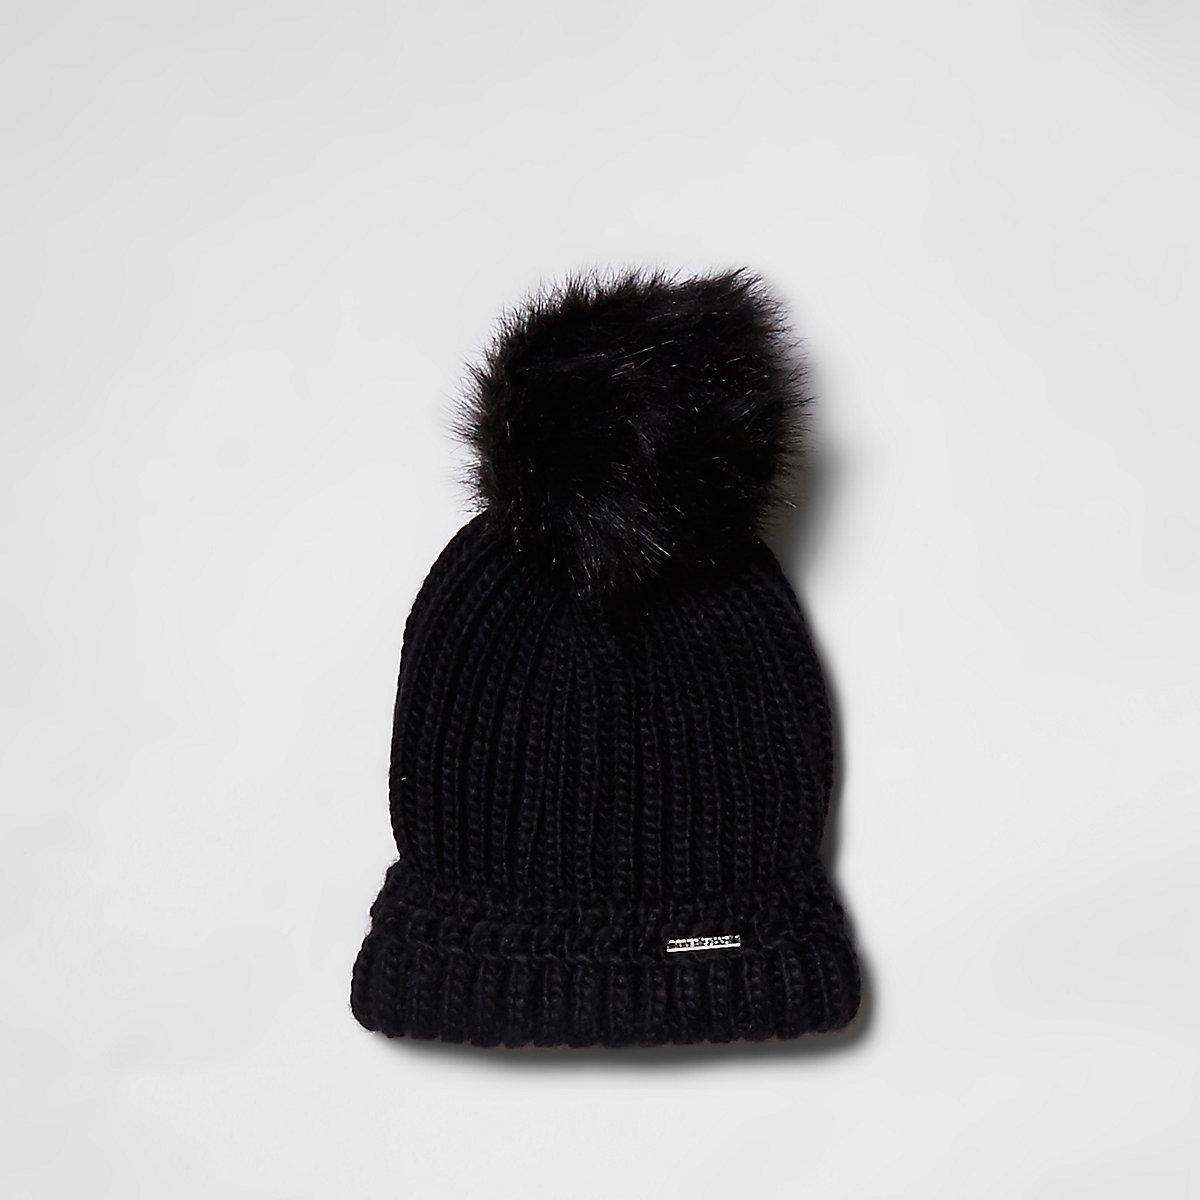 Black faux fur bobble beanie hat